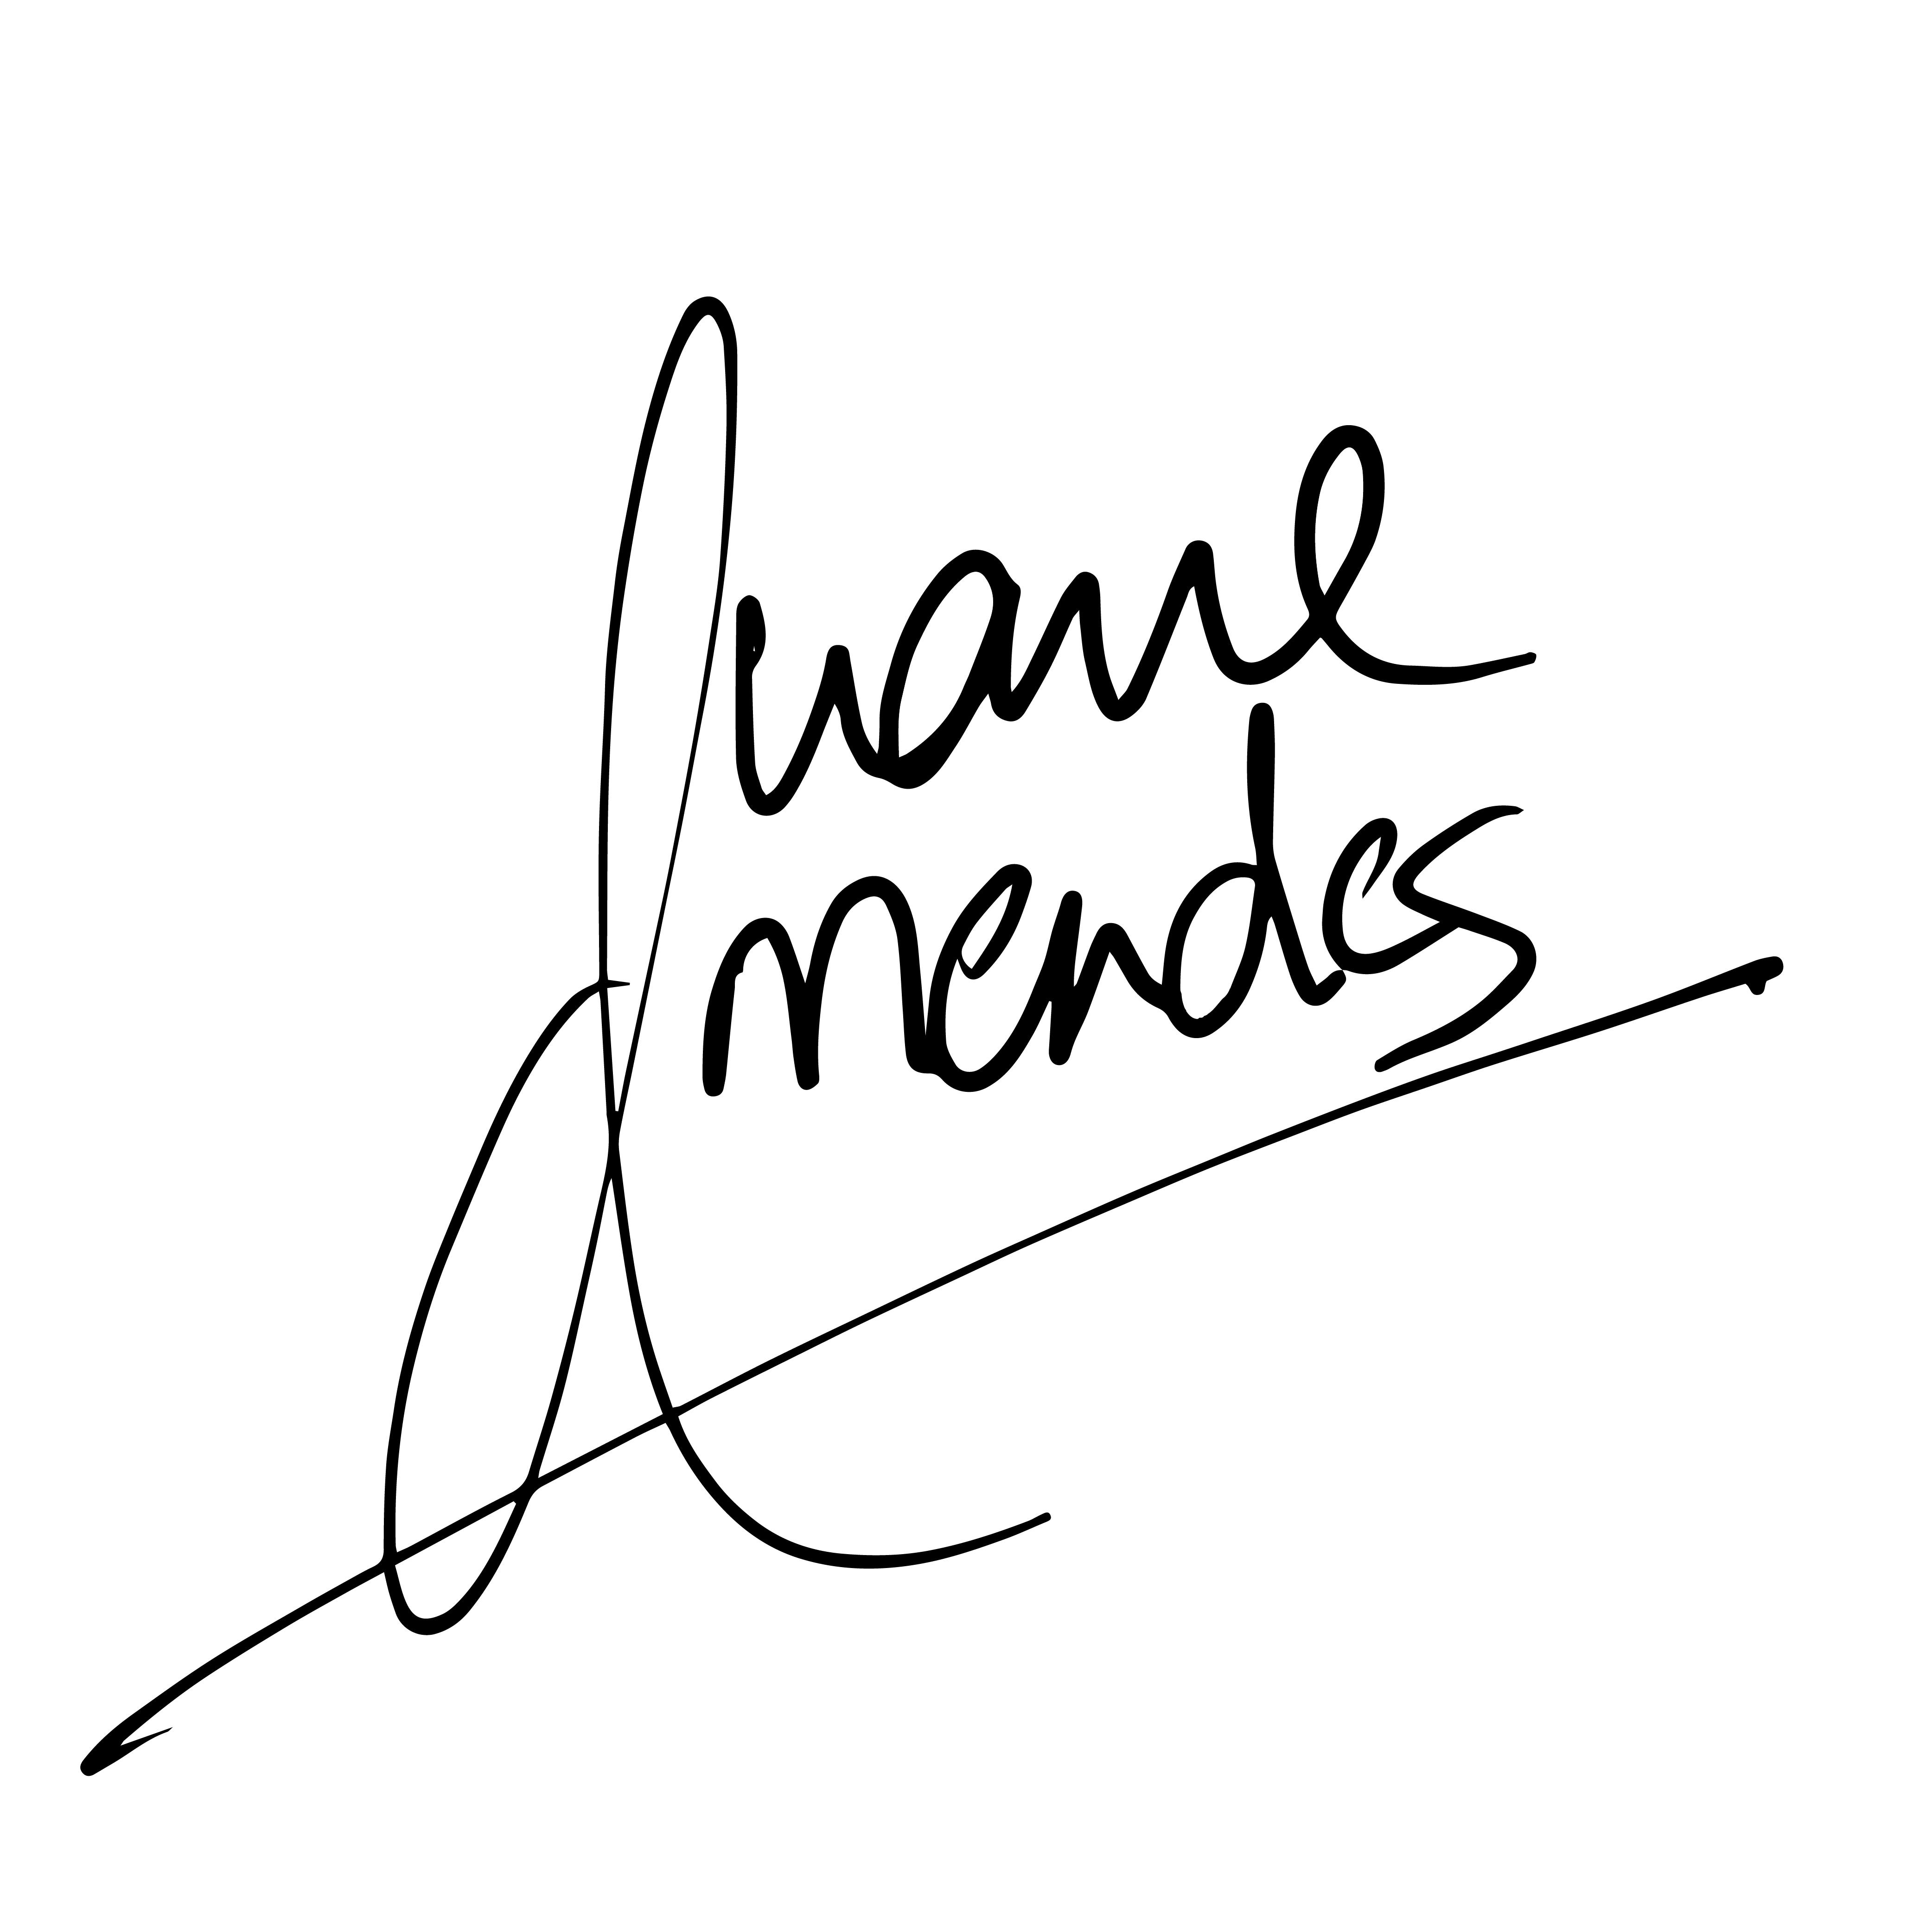 Duane Mendes's Signature